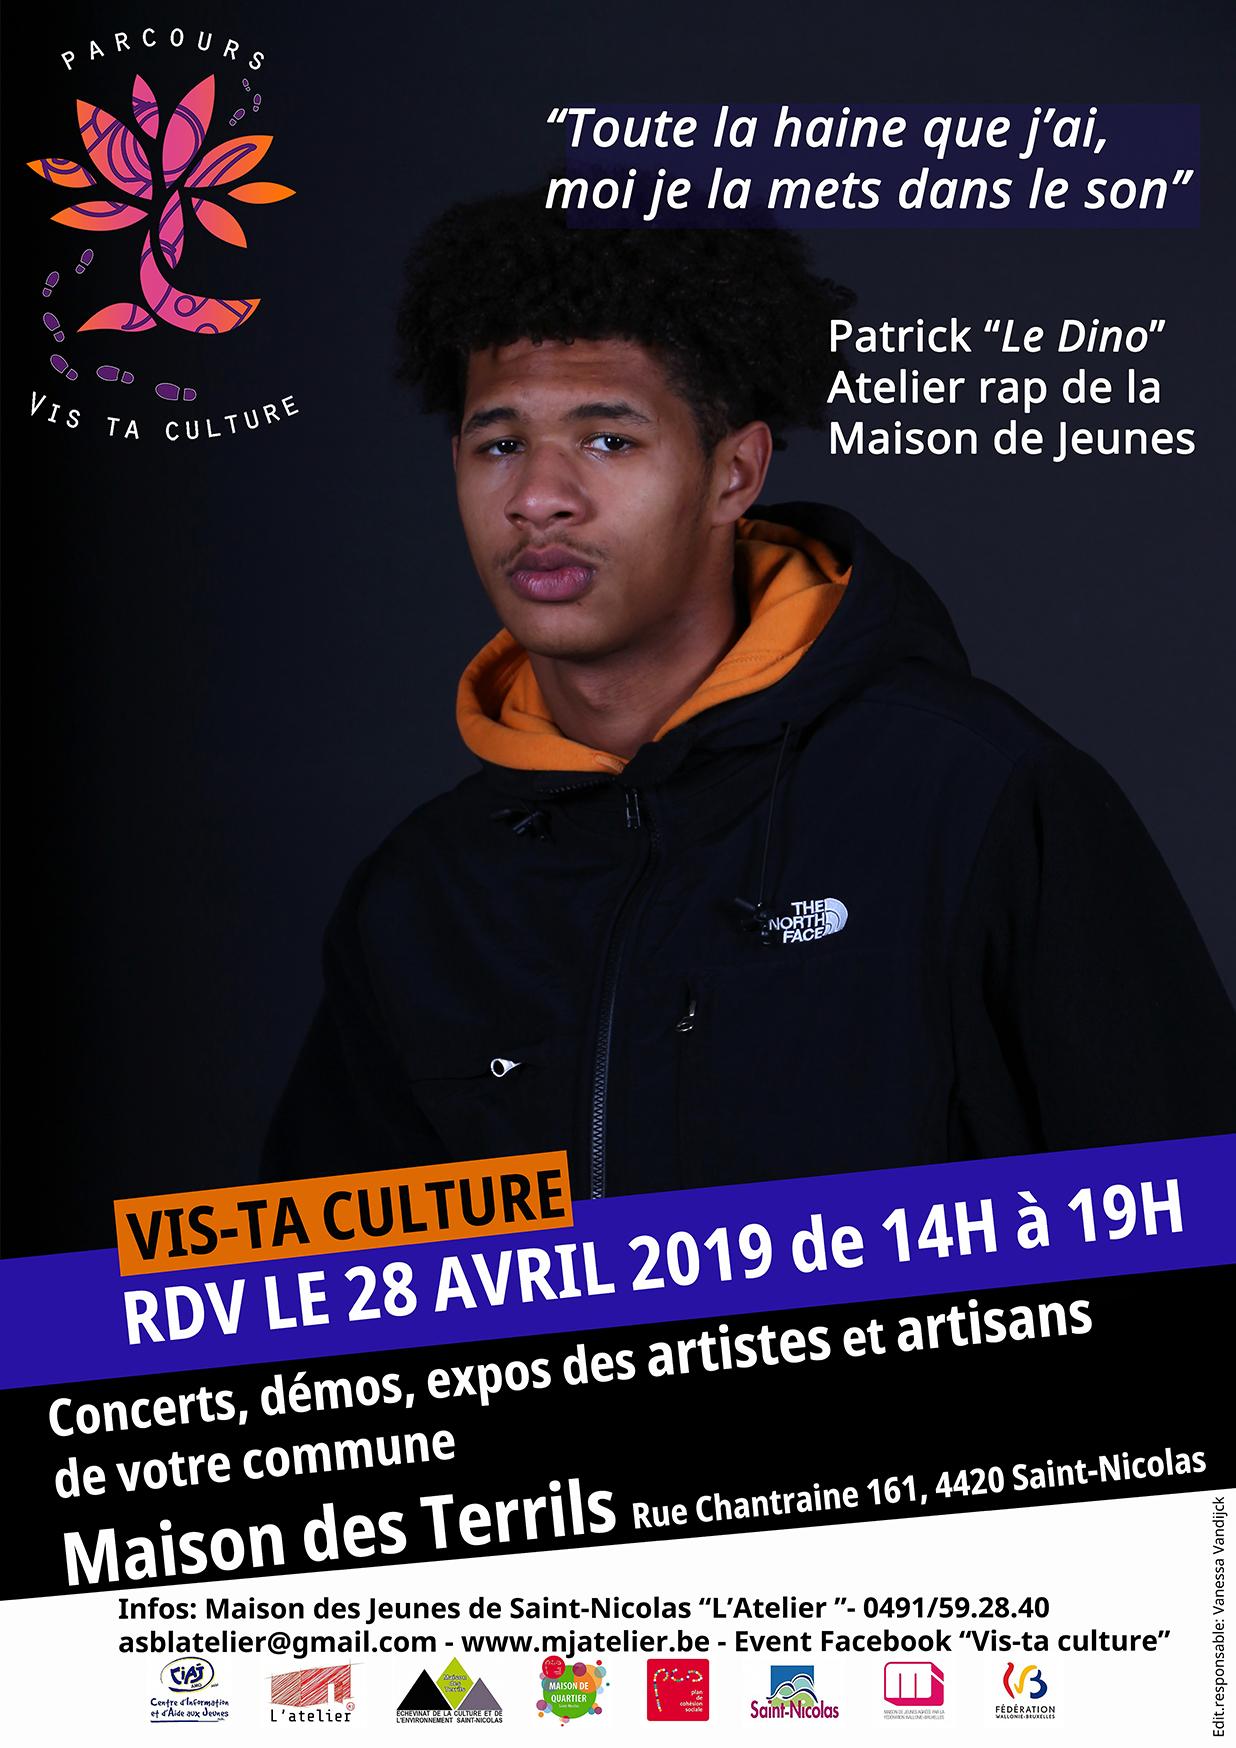 1. Patrick rap 1 A6